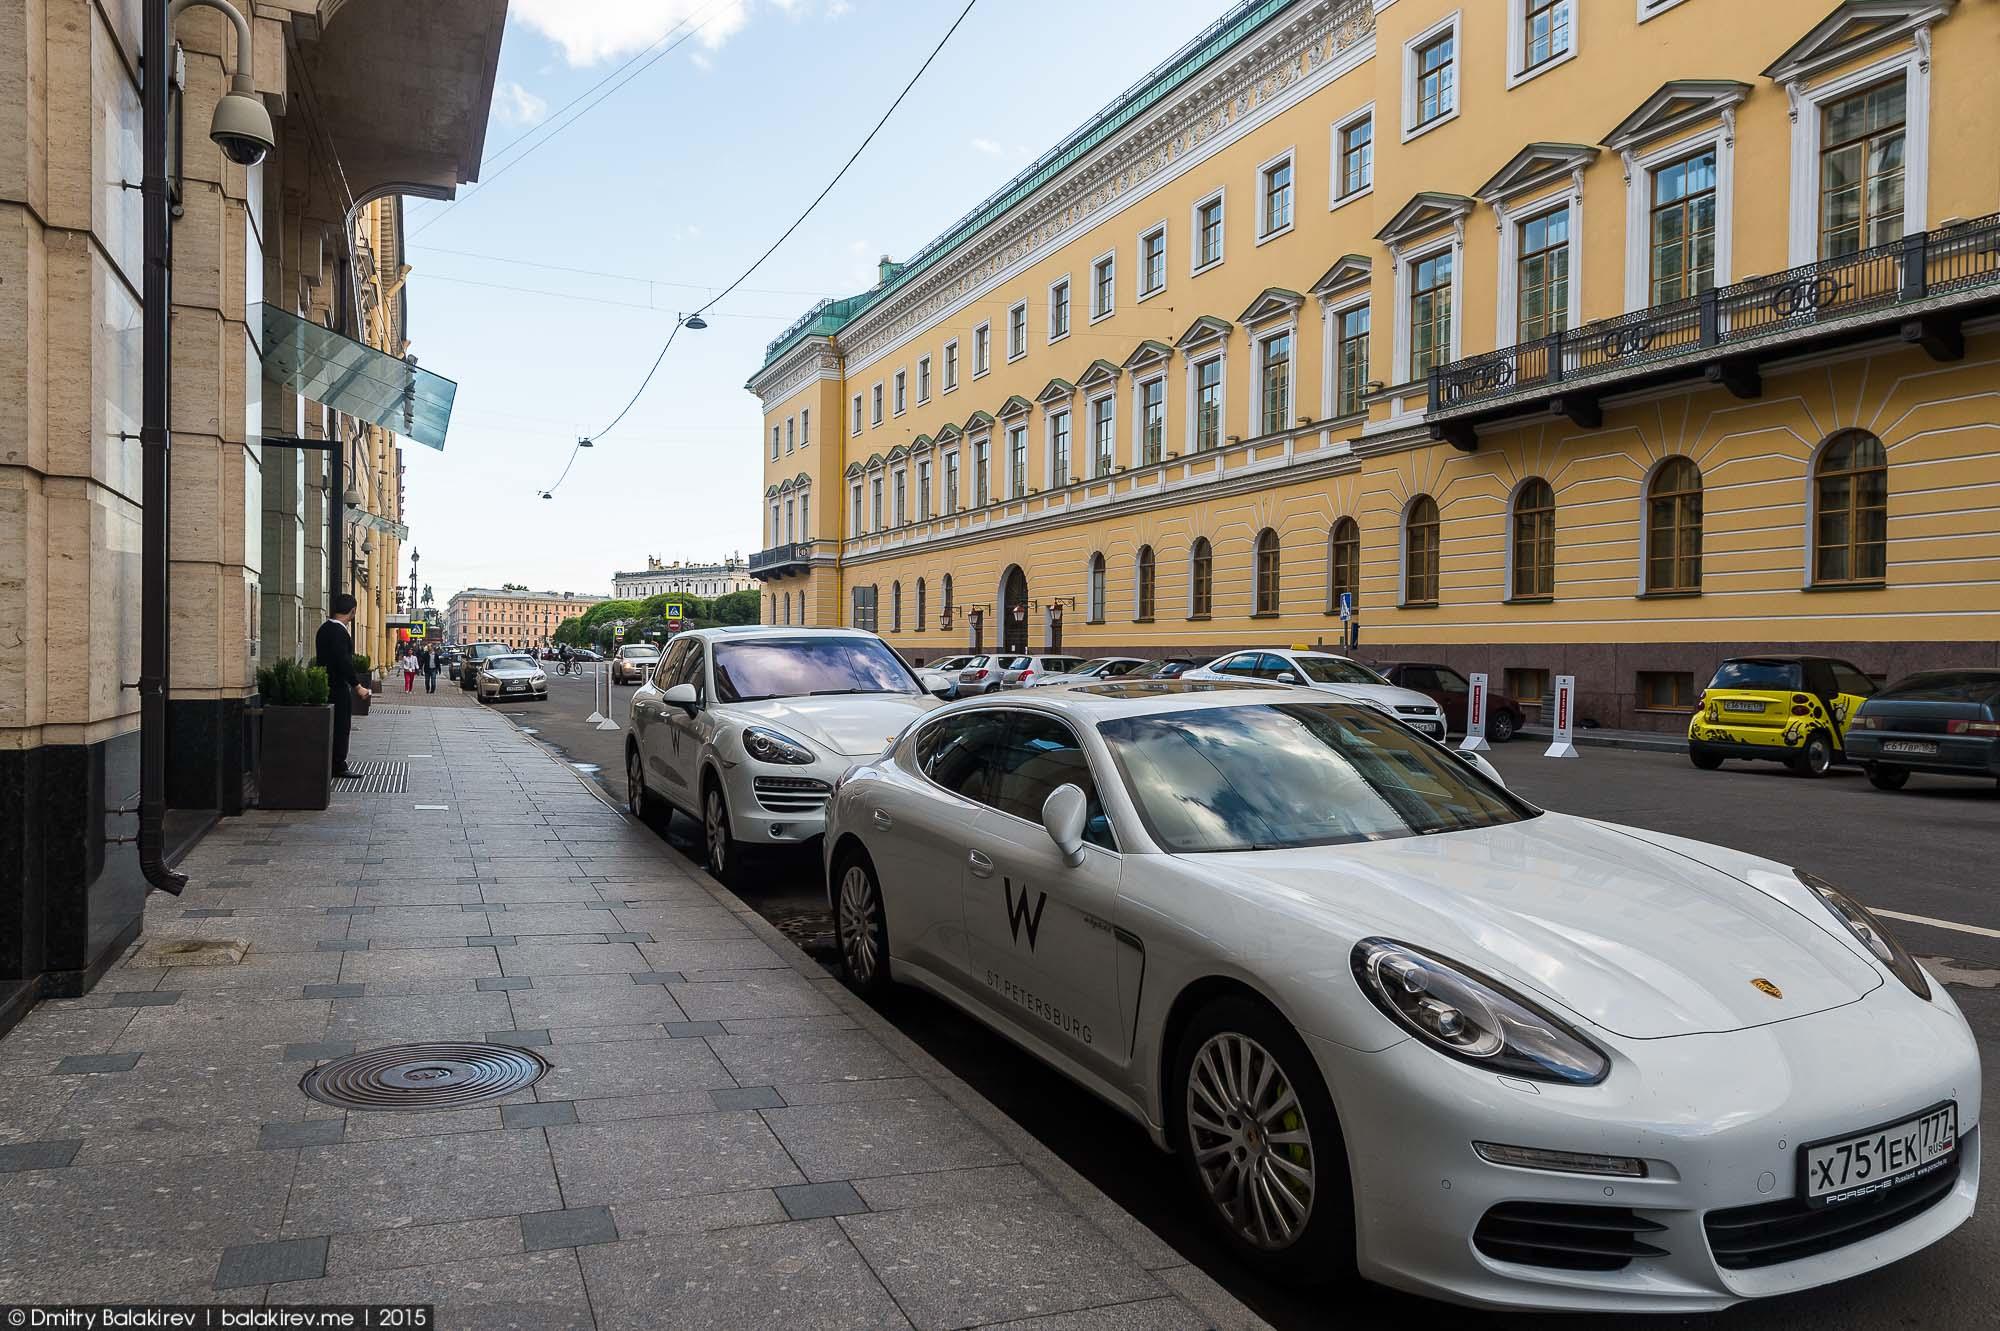 Отель W Санкт-Петербург —Даблю